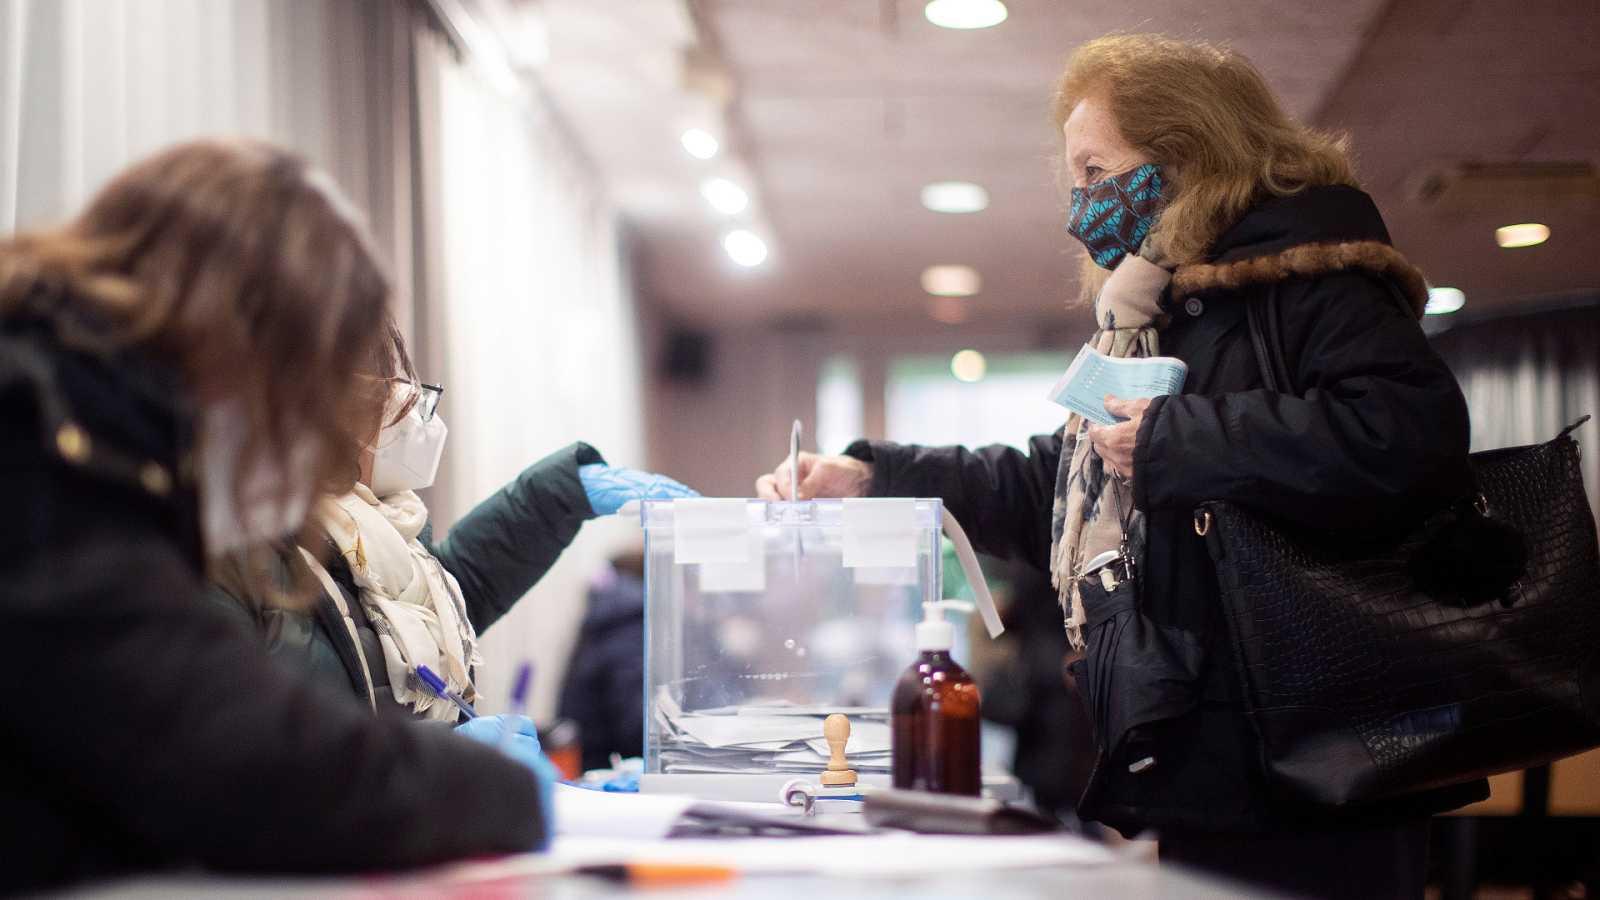 Una persona acude a votar con su DNI